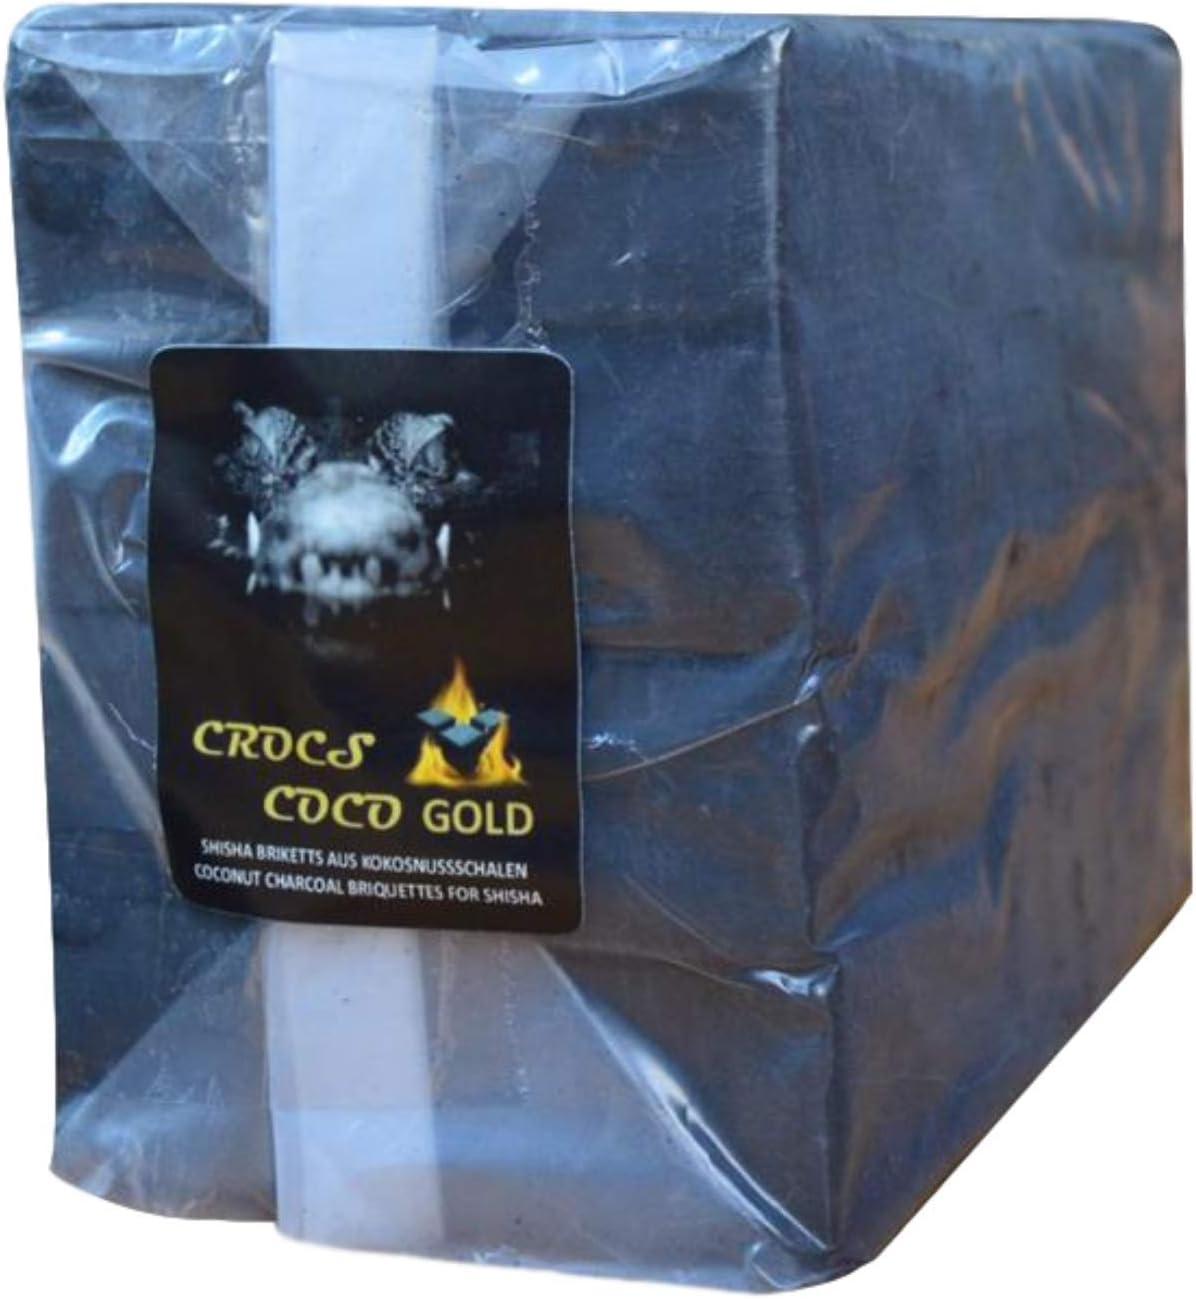 Cross Coco Gold I carbón para shisha I carbón de coco con larga duración I pocas cenizas I baja generación de humo I carbón natural sostenible cubo con calidad premium I 20 kg Gastrobag